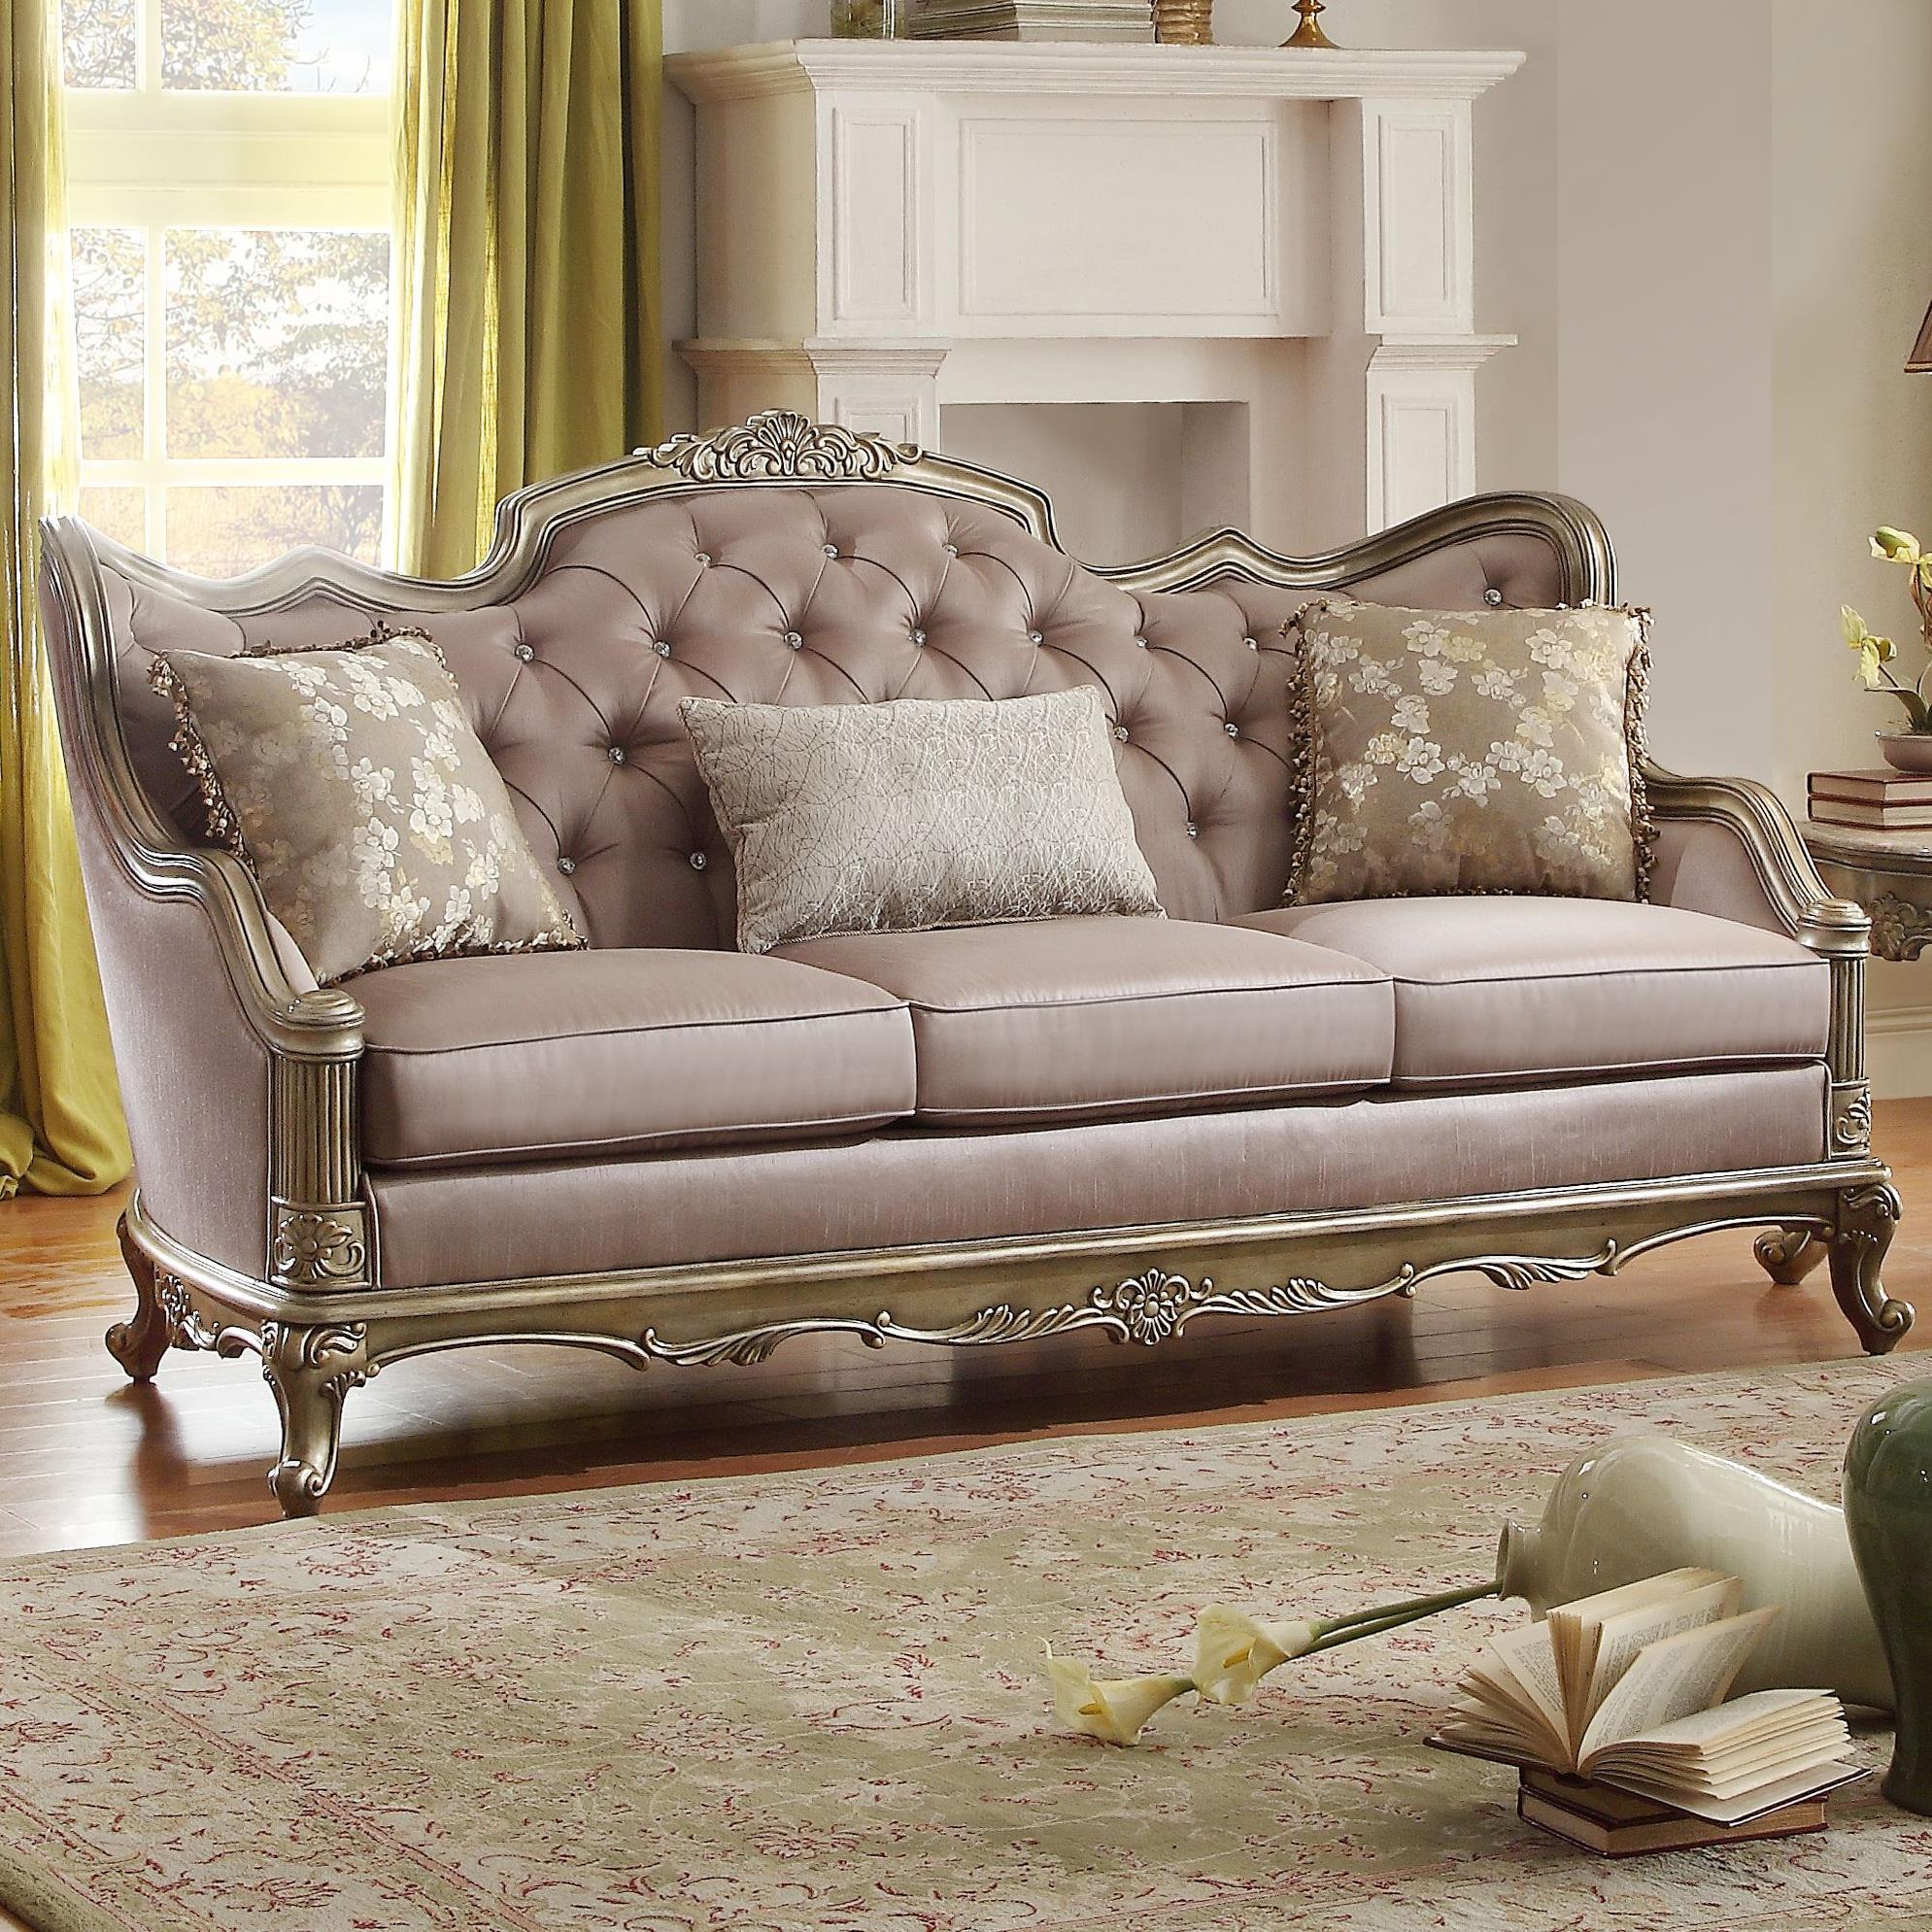 Homelegance Fiorella Sofa - Item Number: 8412-3